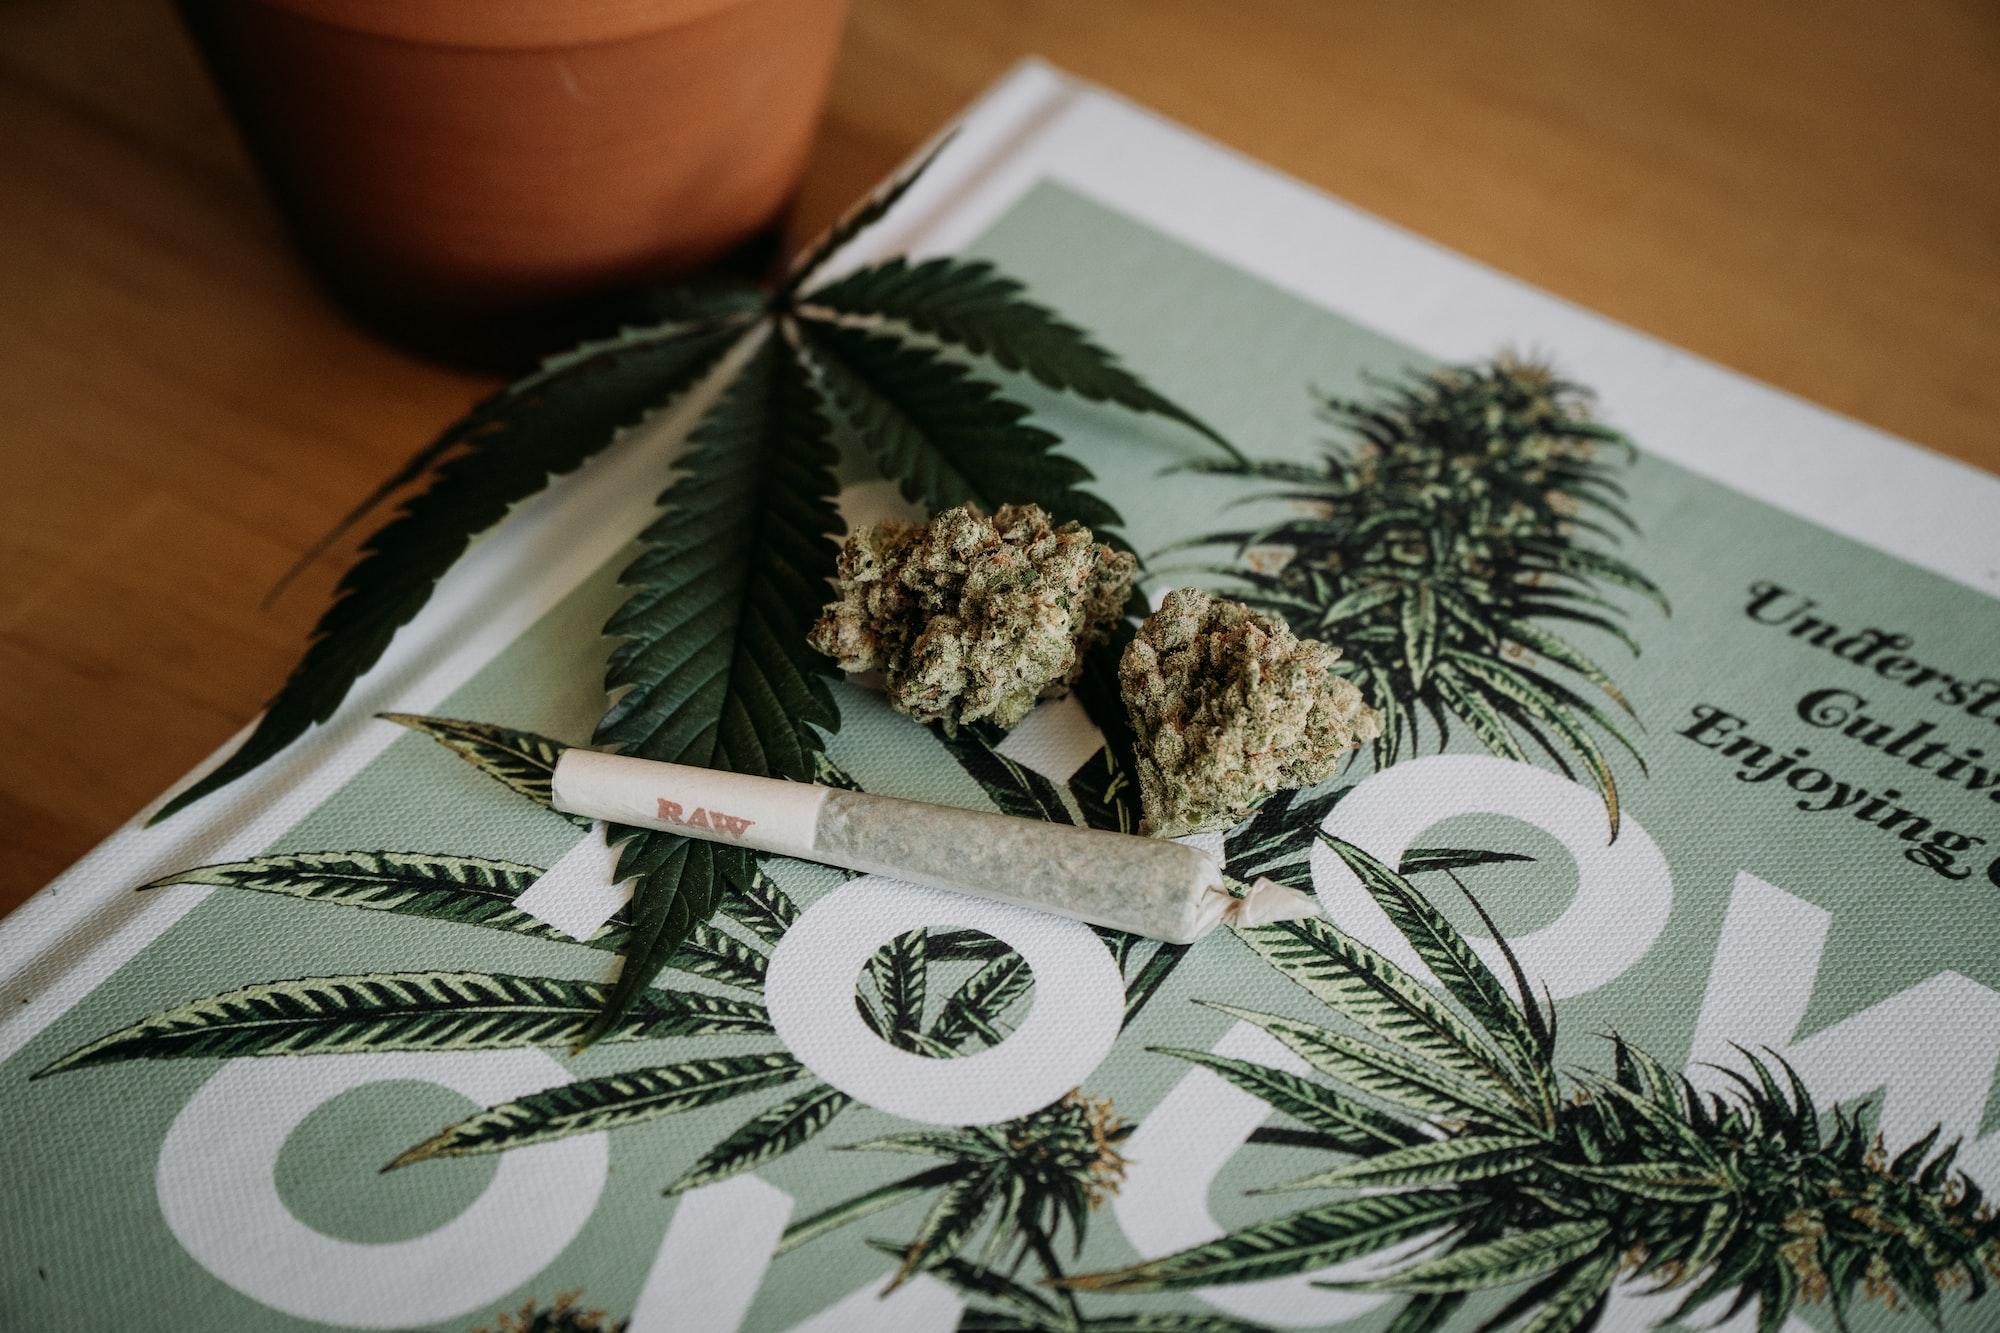 Marijuanan vinner mark i USA